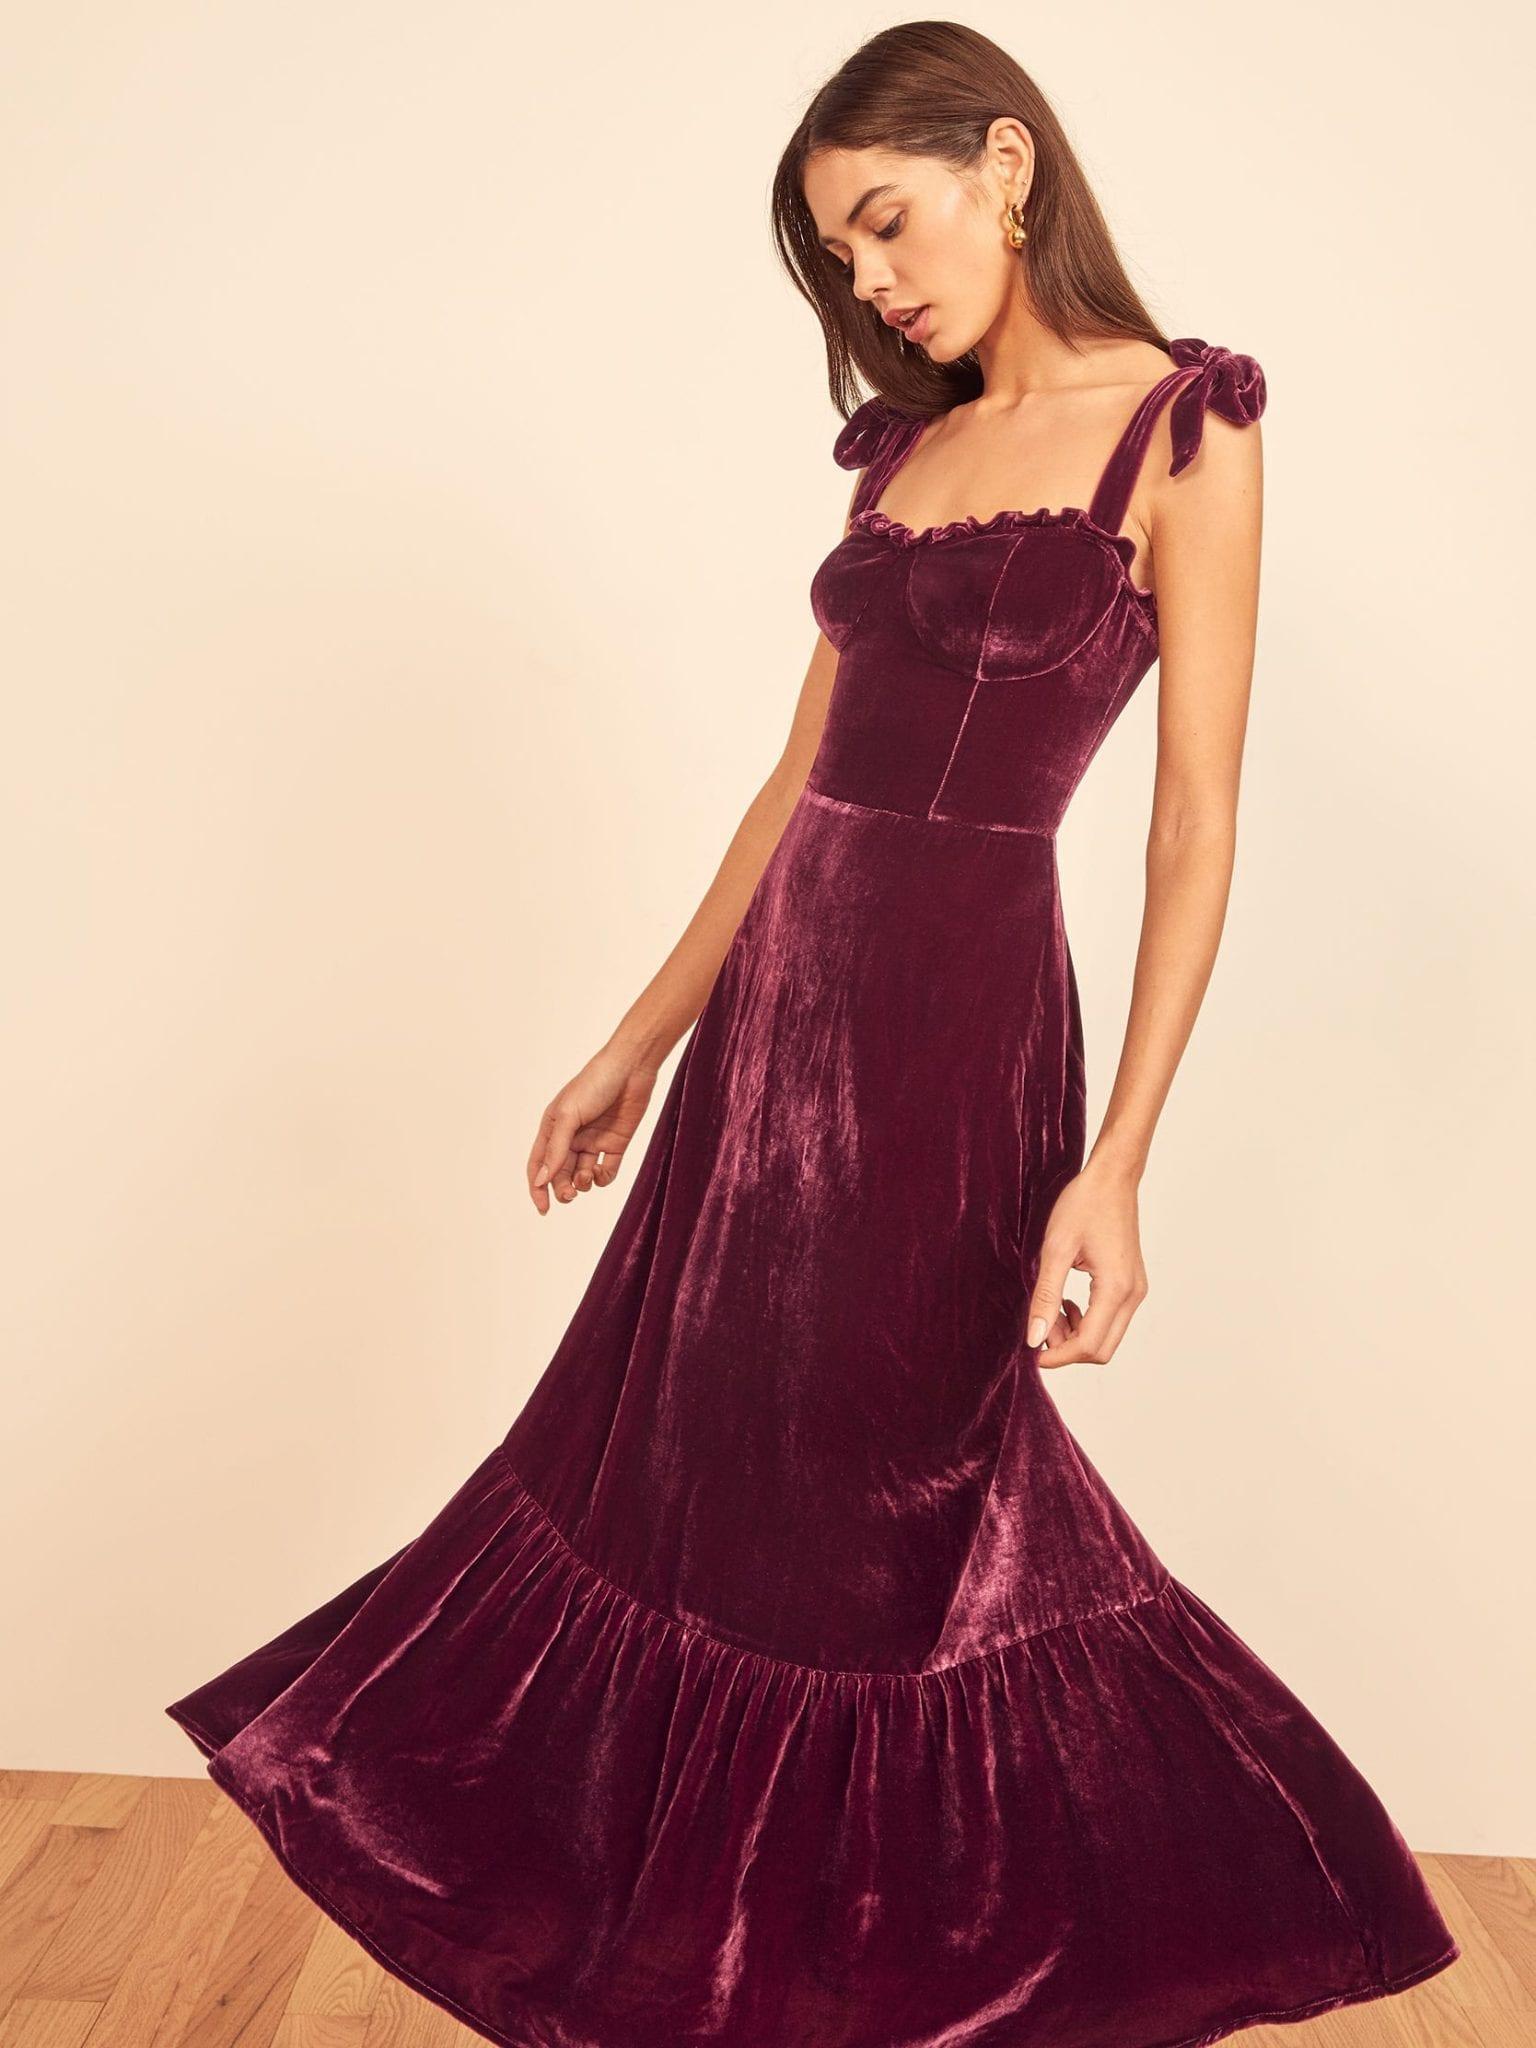 REFORMATION Antoinette Dress